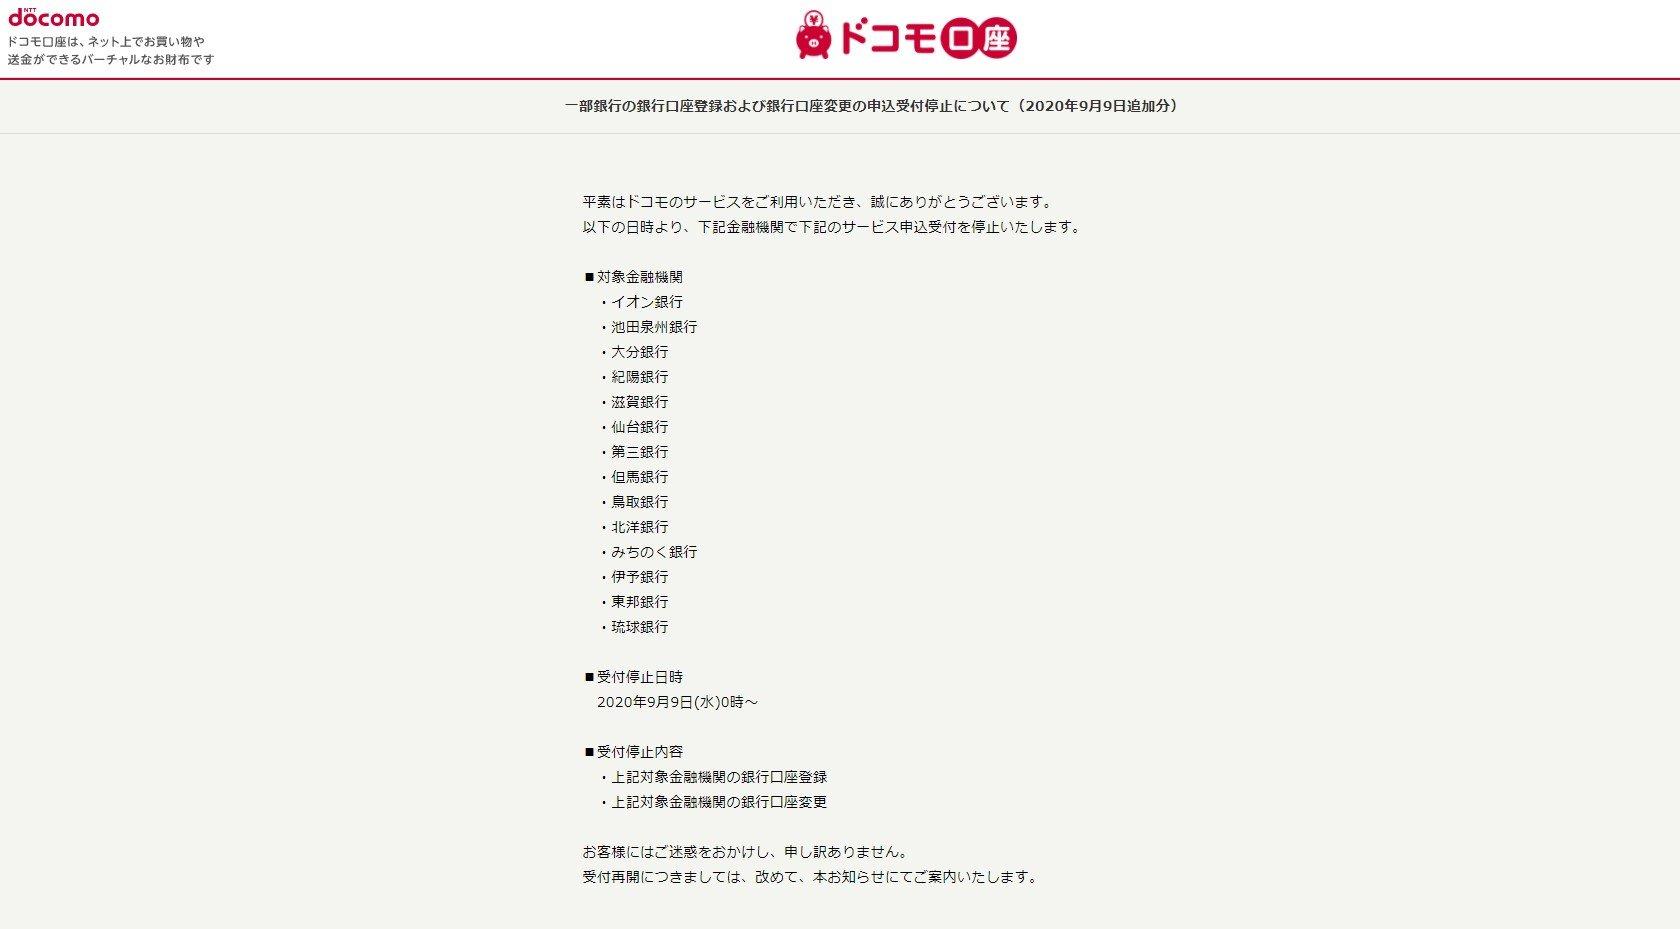 ドコモ口座と連携中止する銀行相次ぐ 35行中18行が受付停止 - ITmedia NEWS